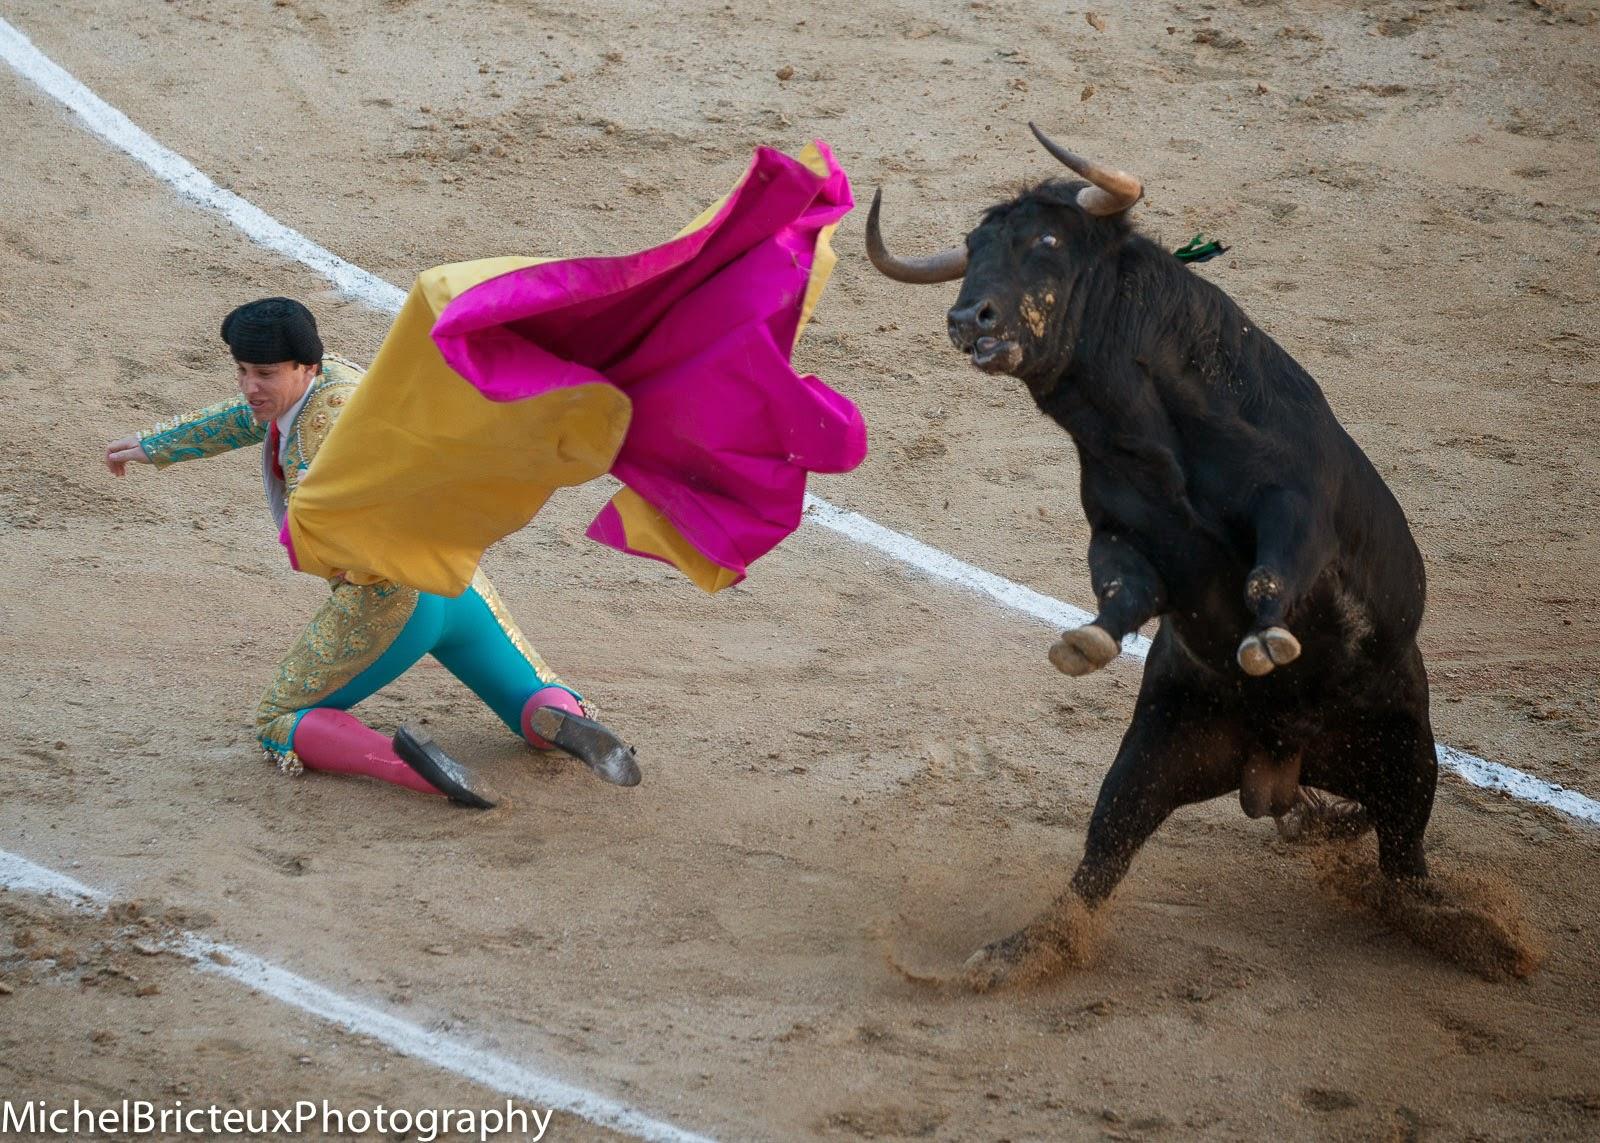 Día de Toros, Las Ventas - 06/04/2014